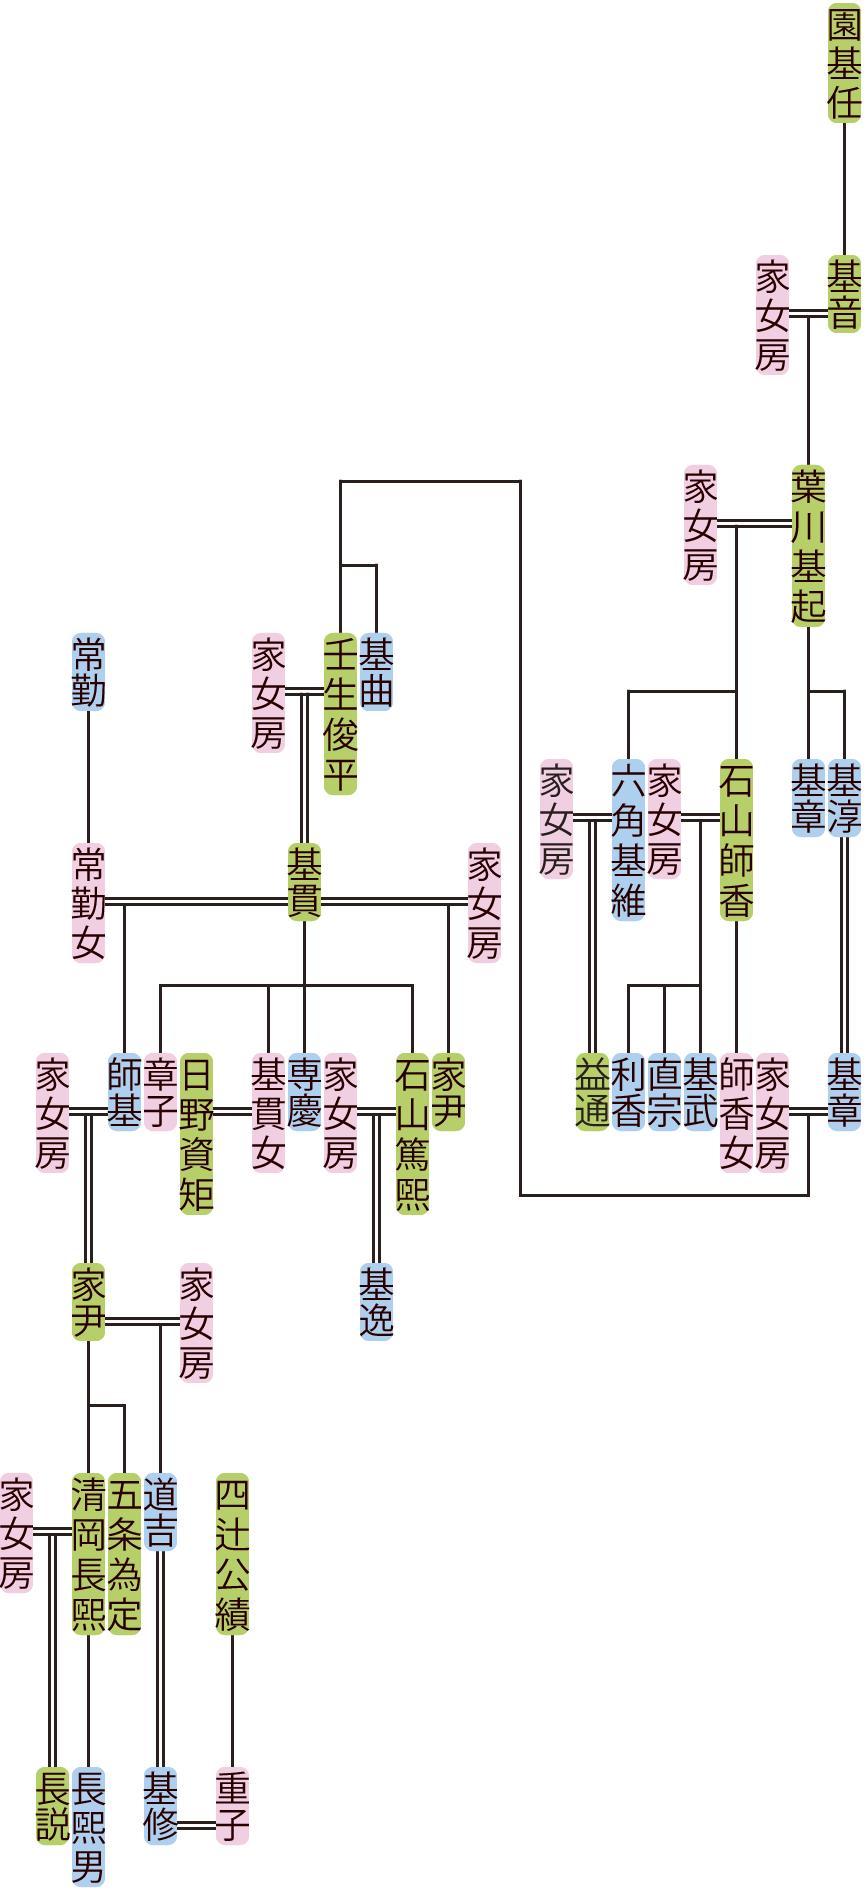 葉川基起~壬生基修の系図